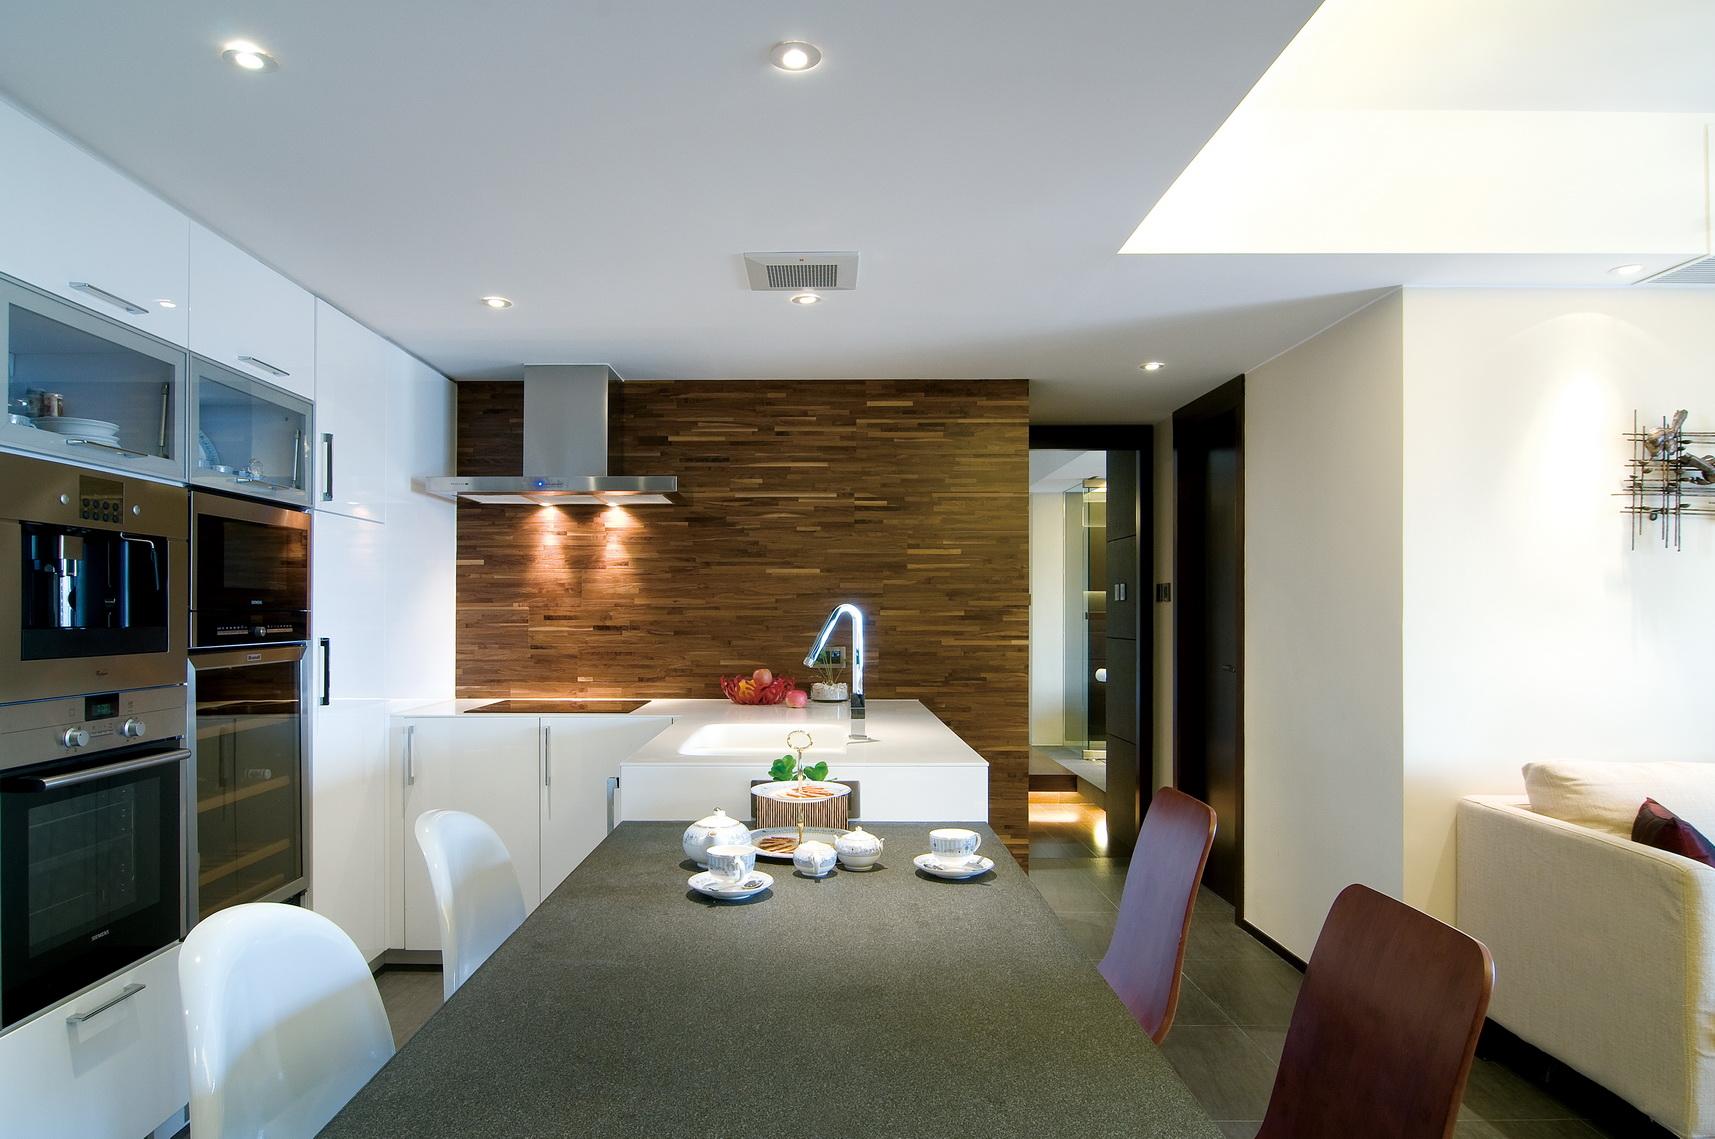 厨房也是开放式的,这个角度可以清晰的看到客厅,空间感很是强